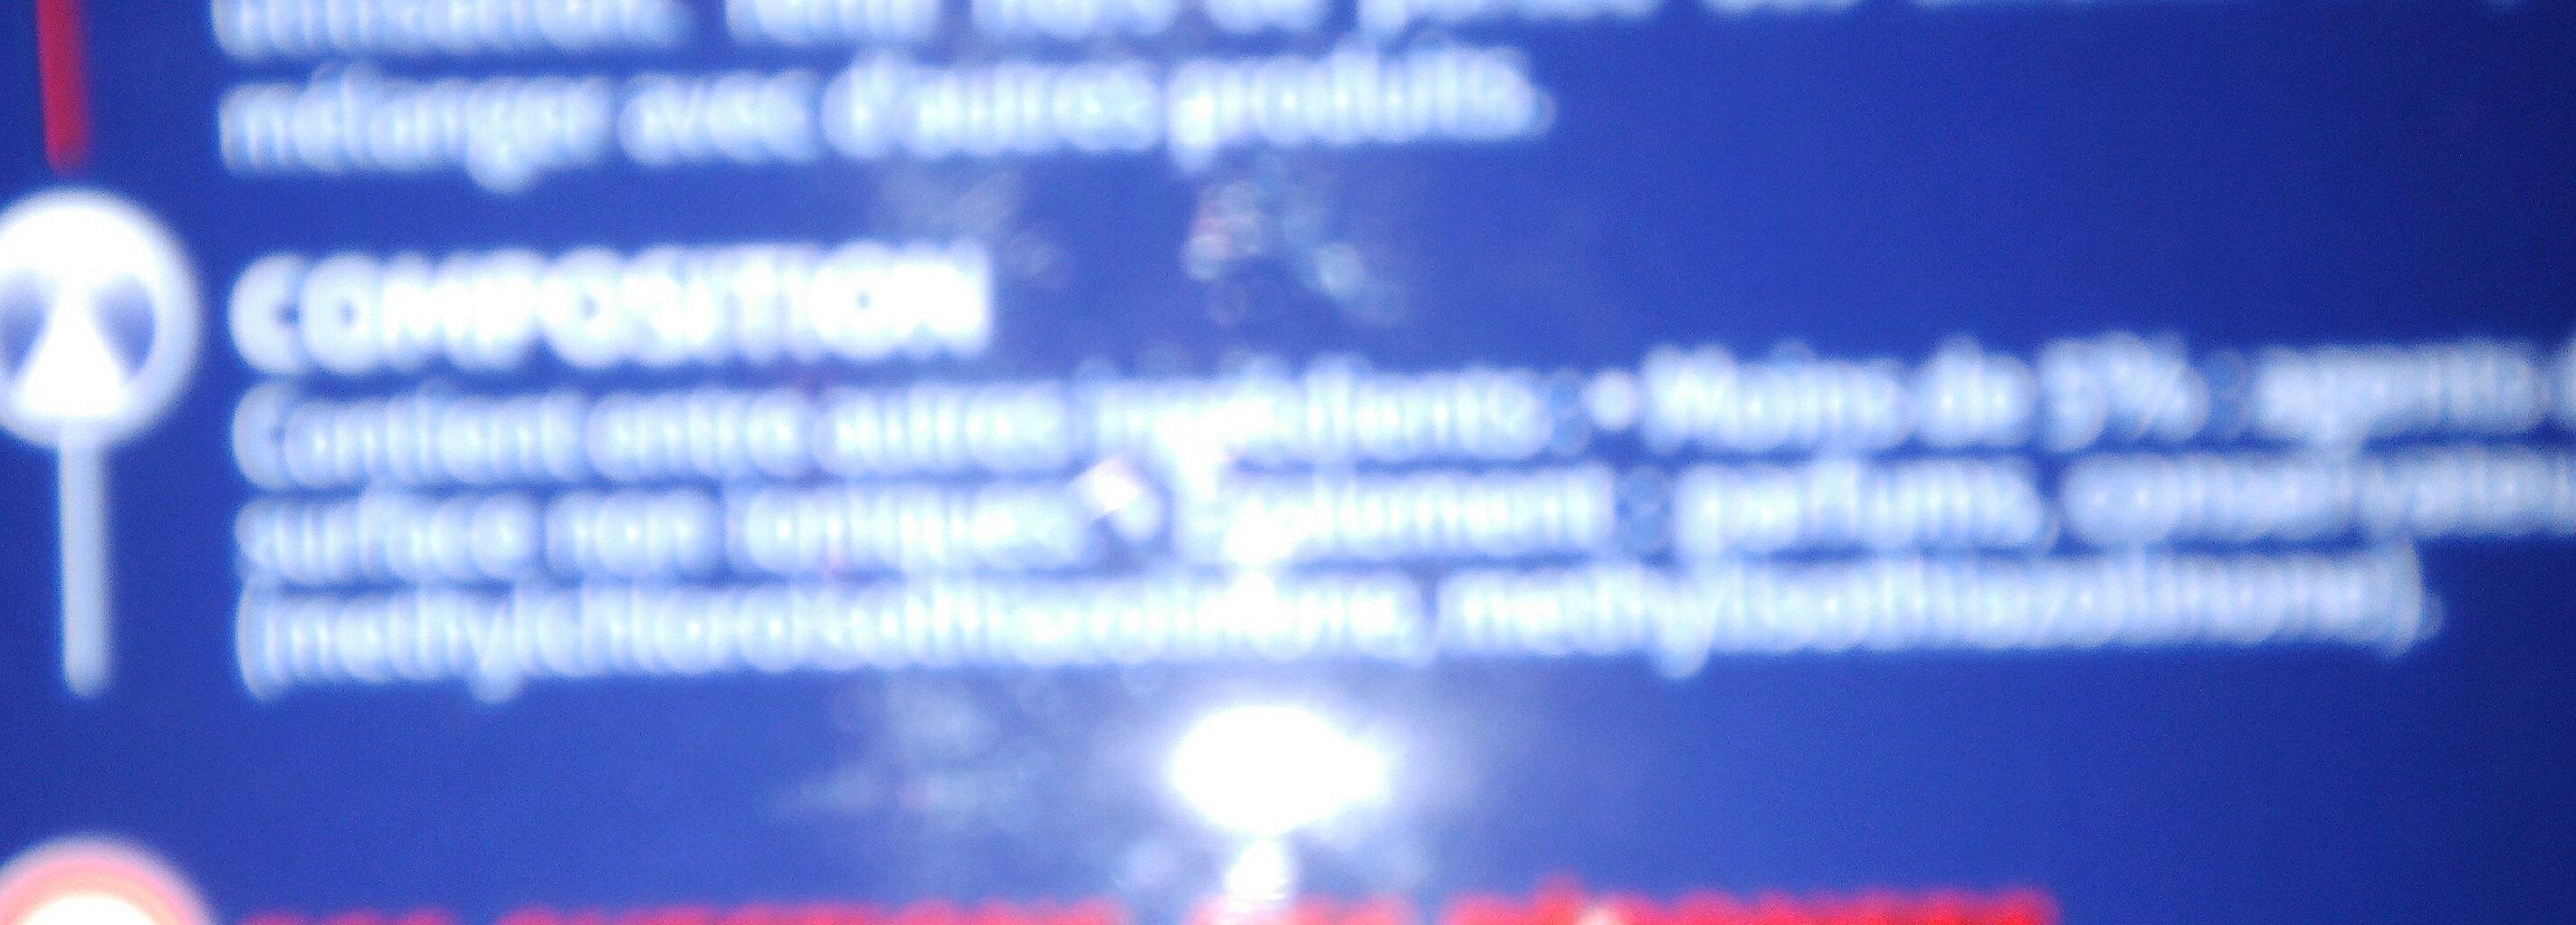 activ effect - Ingredients - fr